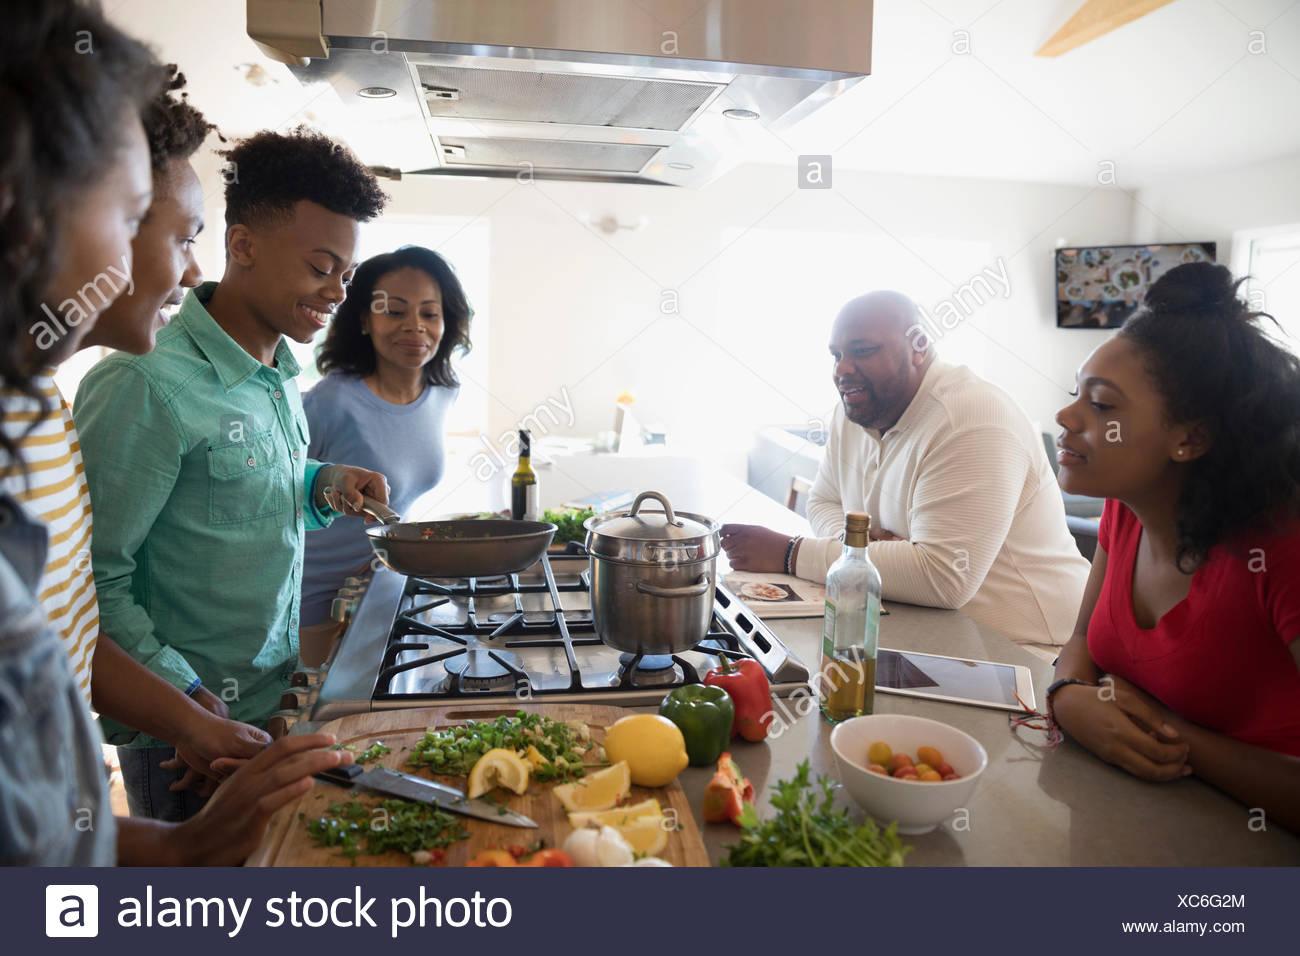 Familia Afroamericana cocinar en la cocina Imagen De Stock